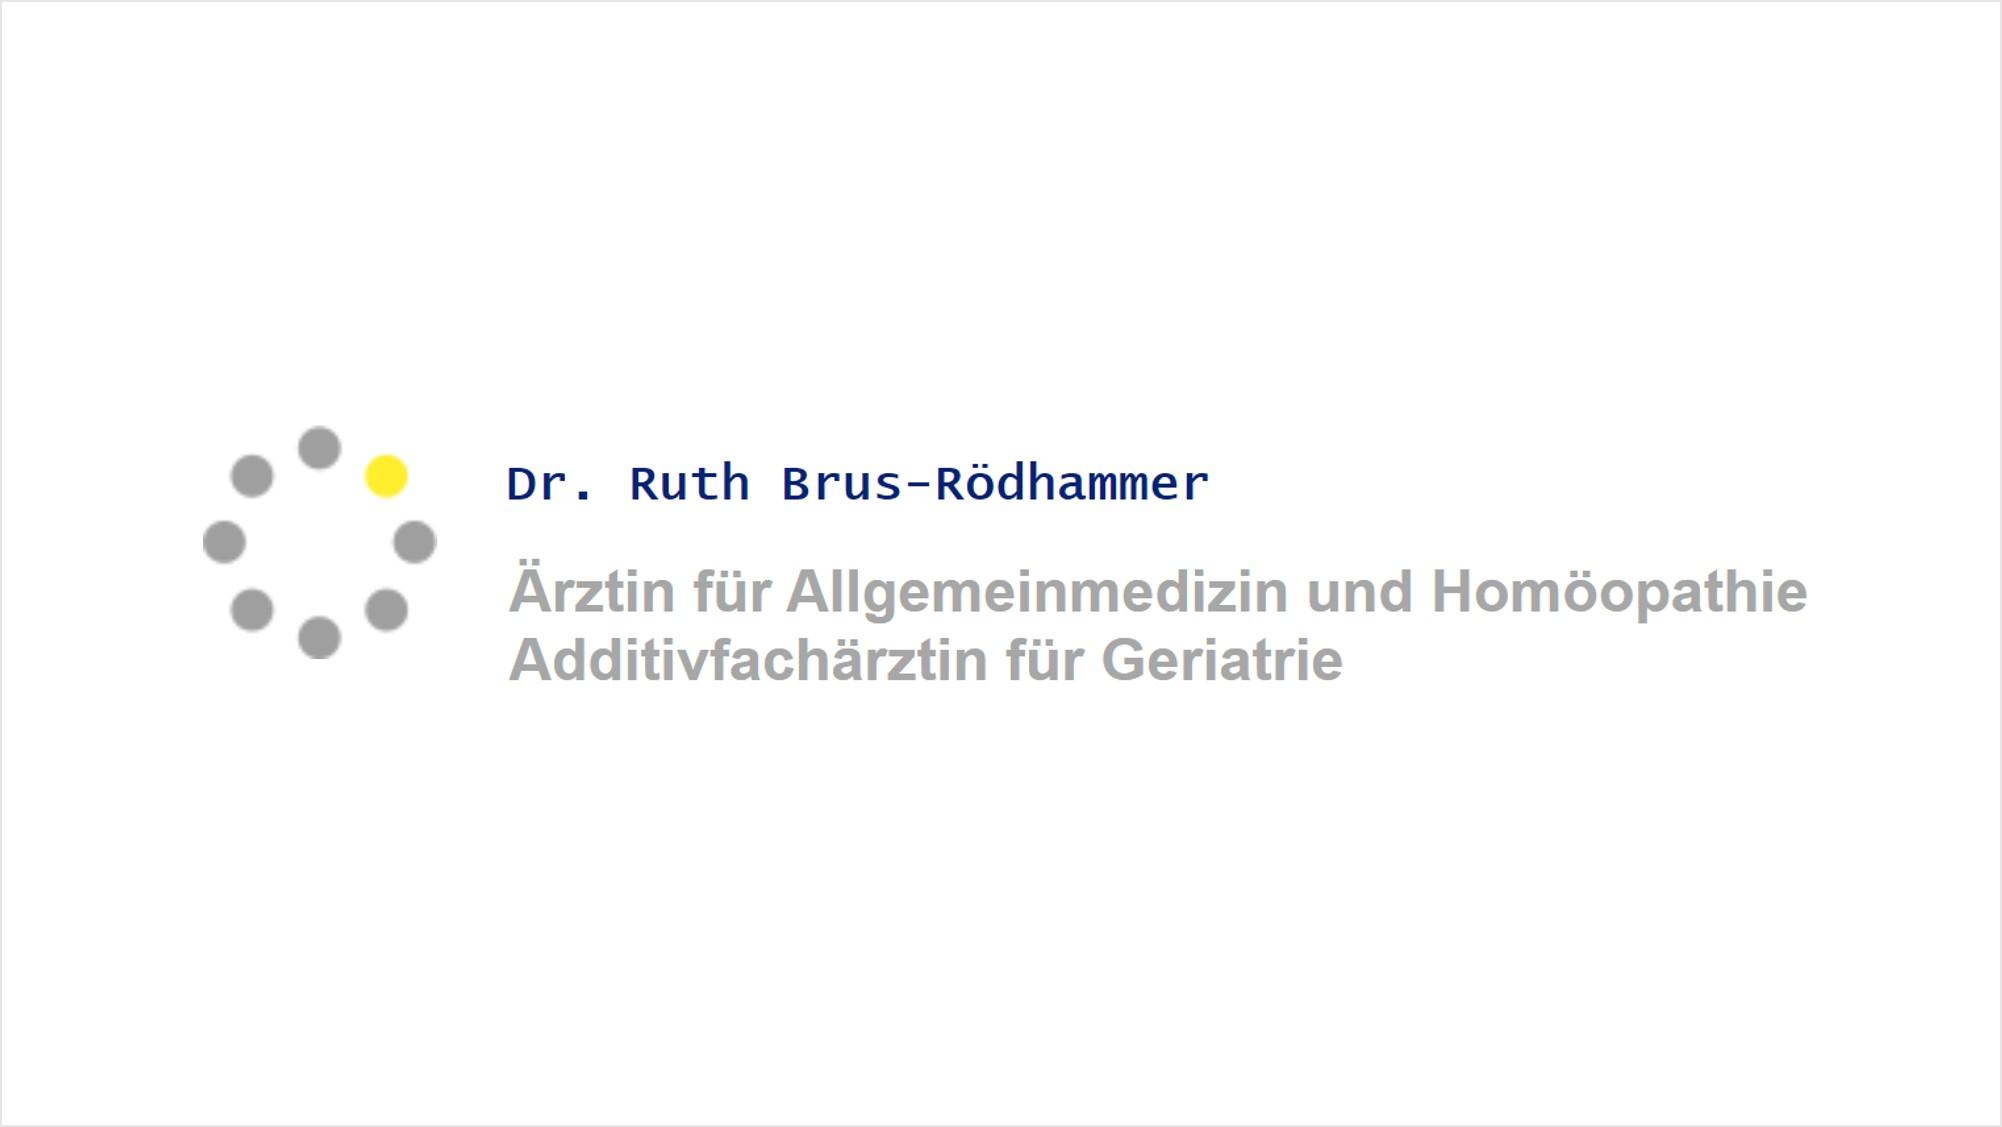 Dr. Brus